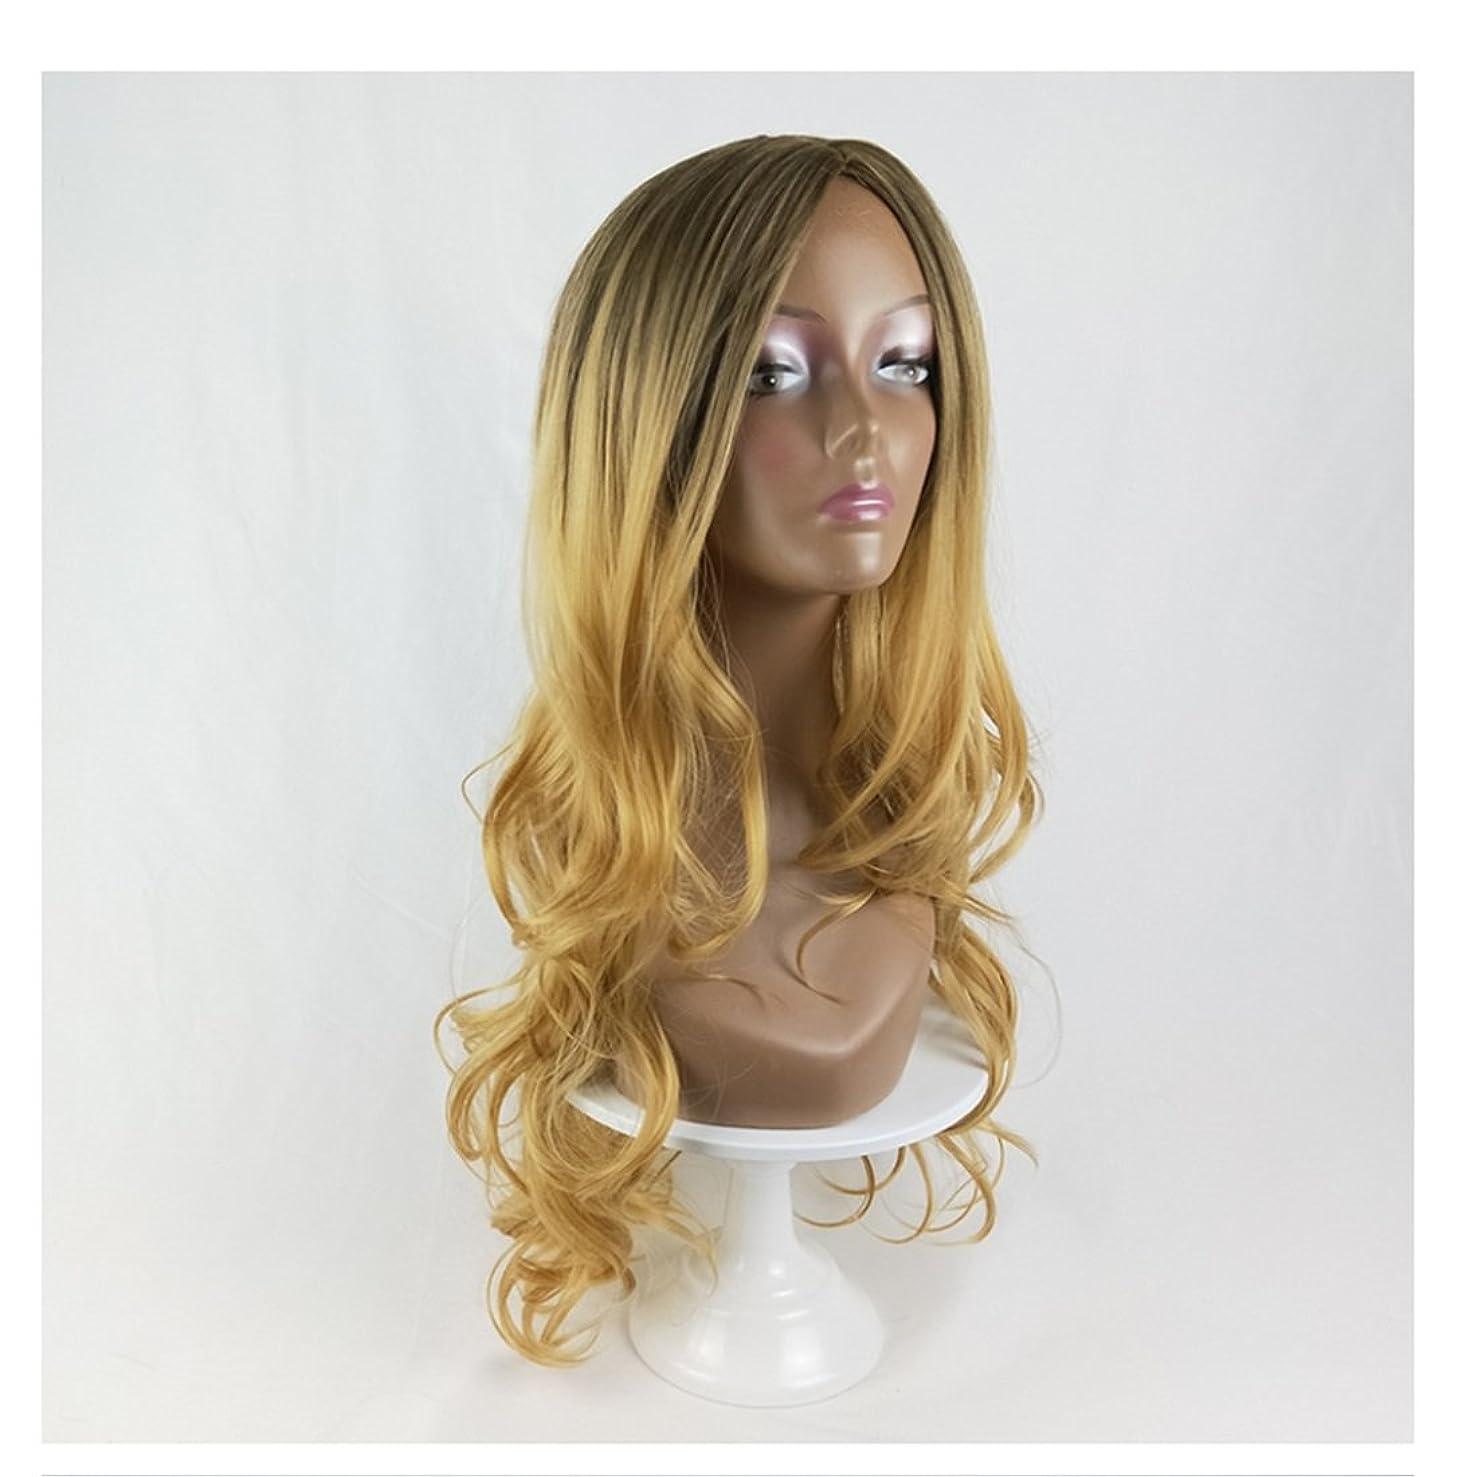 妖精彼女カスケードKoloeplf 人形の黒コスプレウィッグ女性のための人間の髪ロングバンズウィッグ黒の女性のためのナチュラルカラーグラデーション長いカーリーウィッグ220g (Color : Black Gradient Linen Yellow)